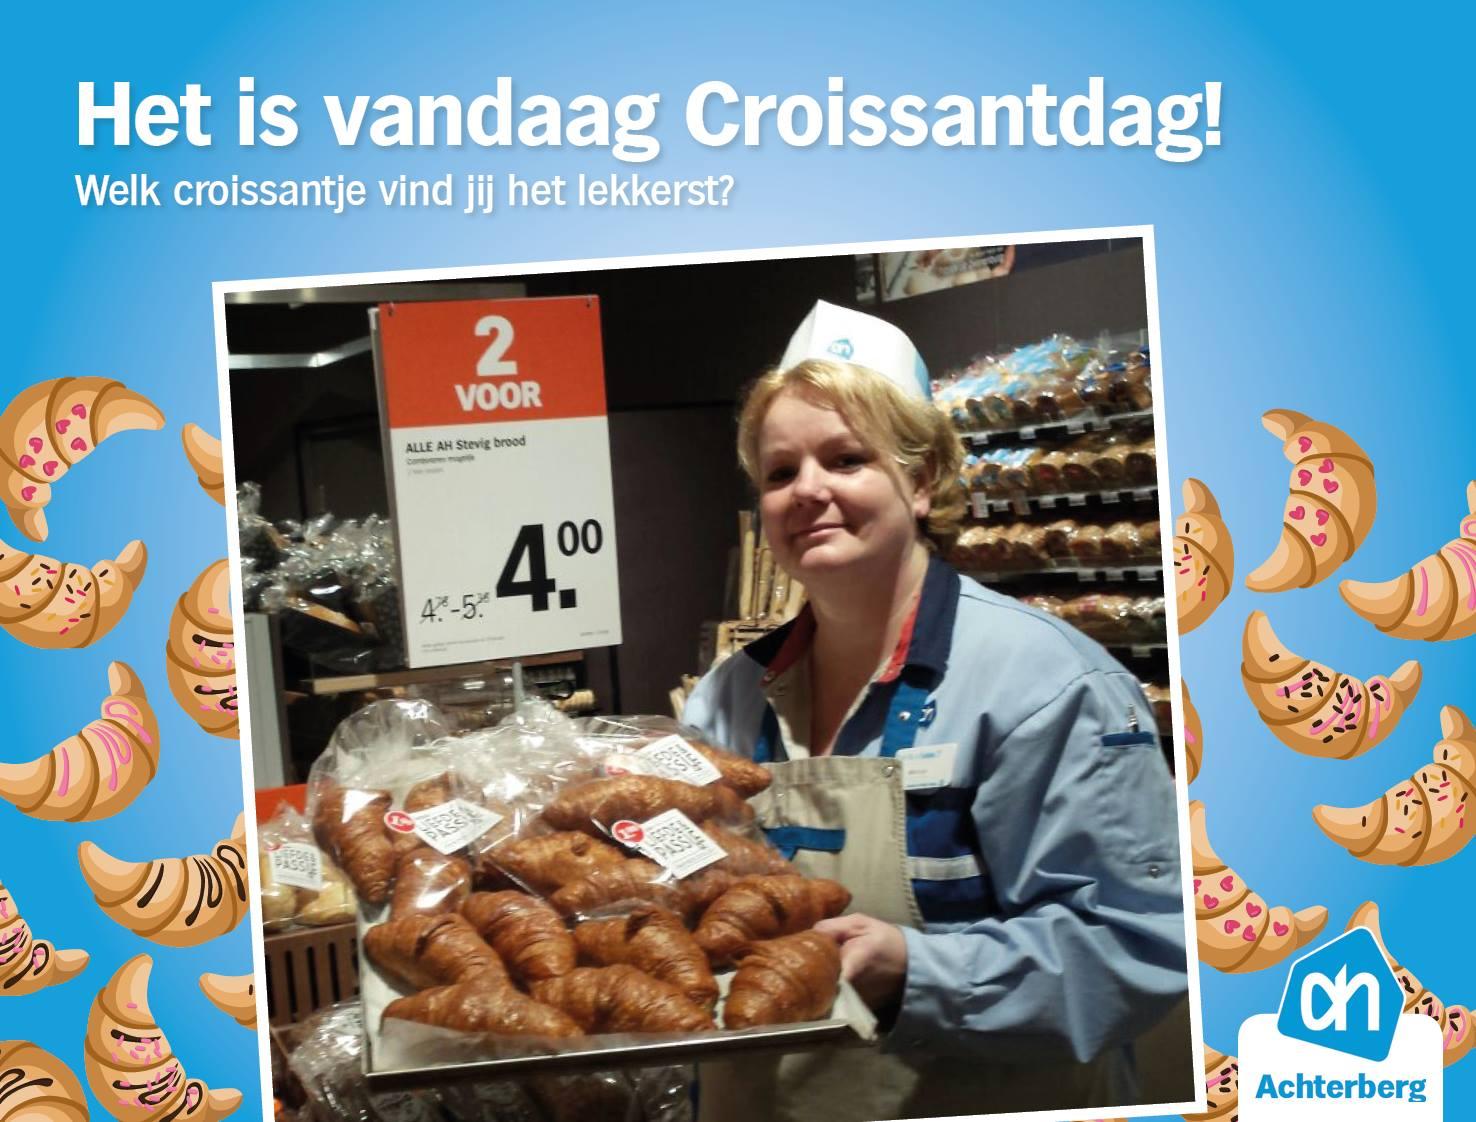 Het is vandaag Croissantdag!